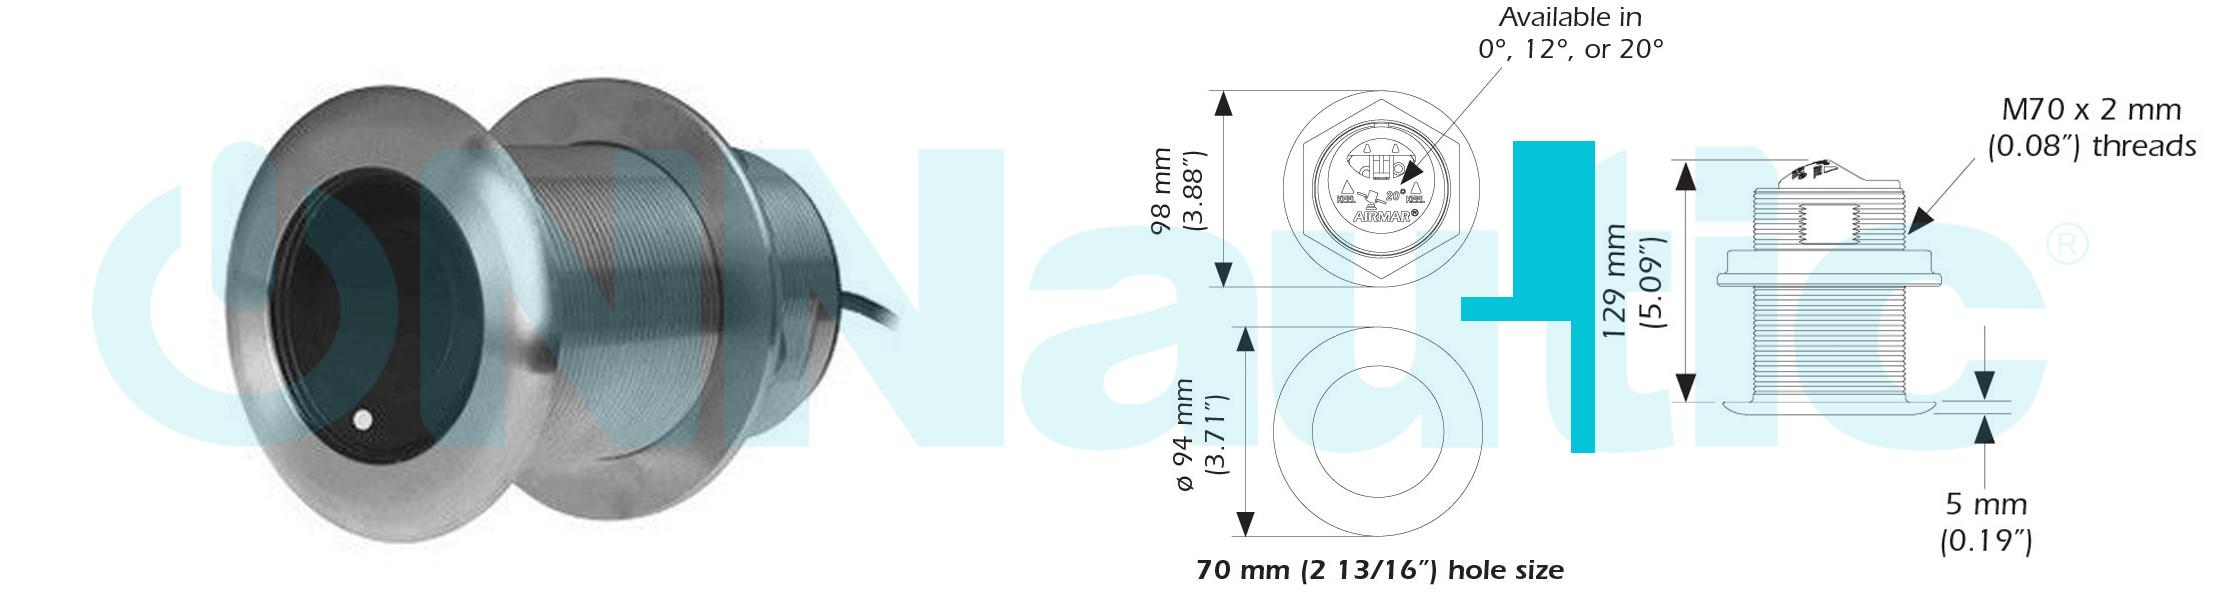 Contenido Transductor SS75H